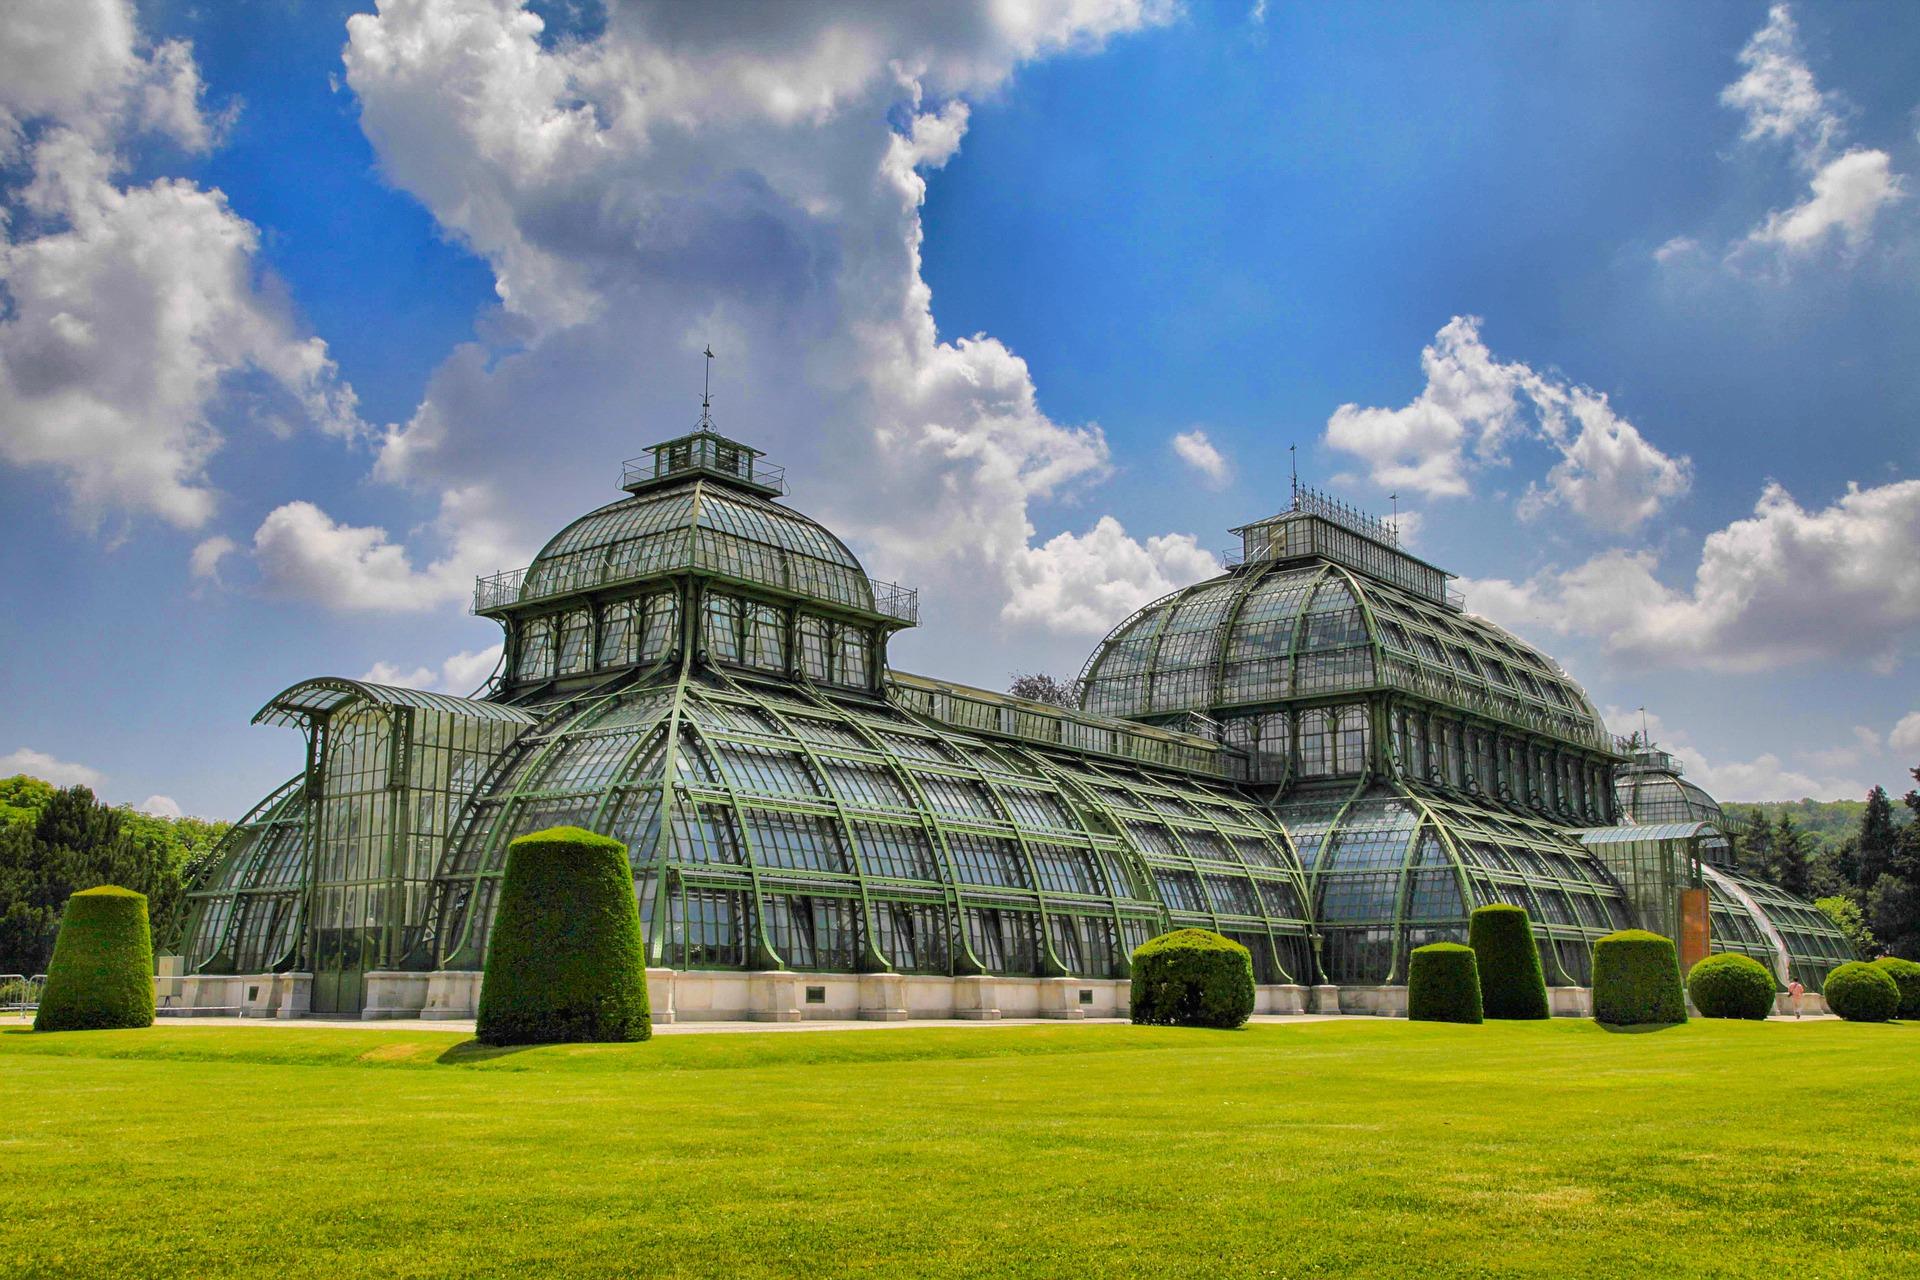 Palmenhaus Schönbrunn, Foto: robertprax/Pixabay